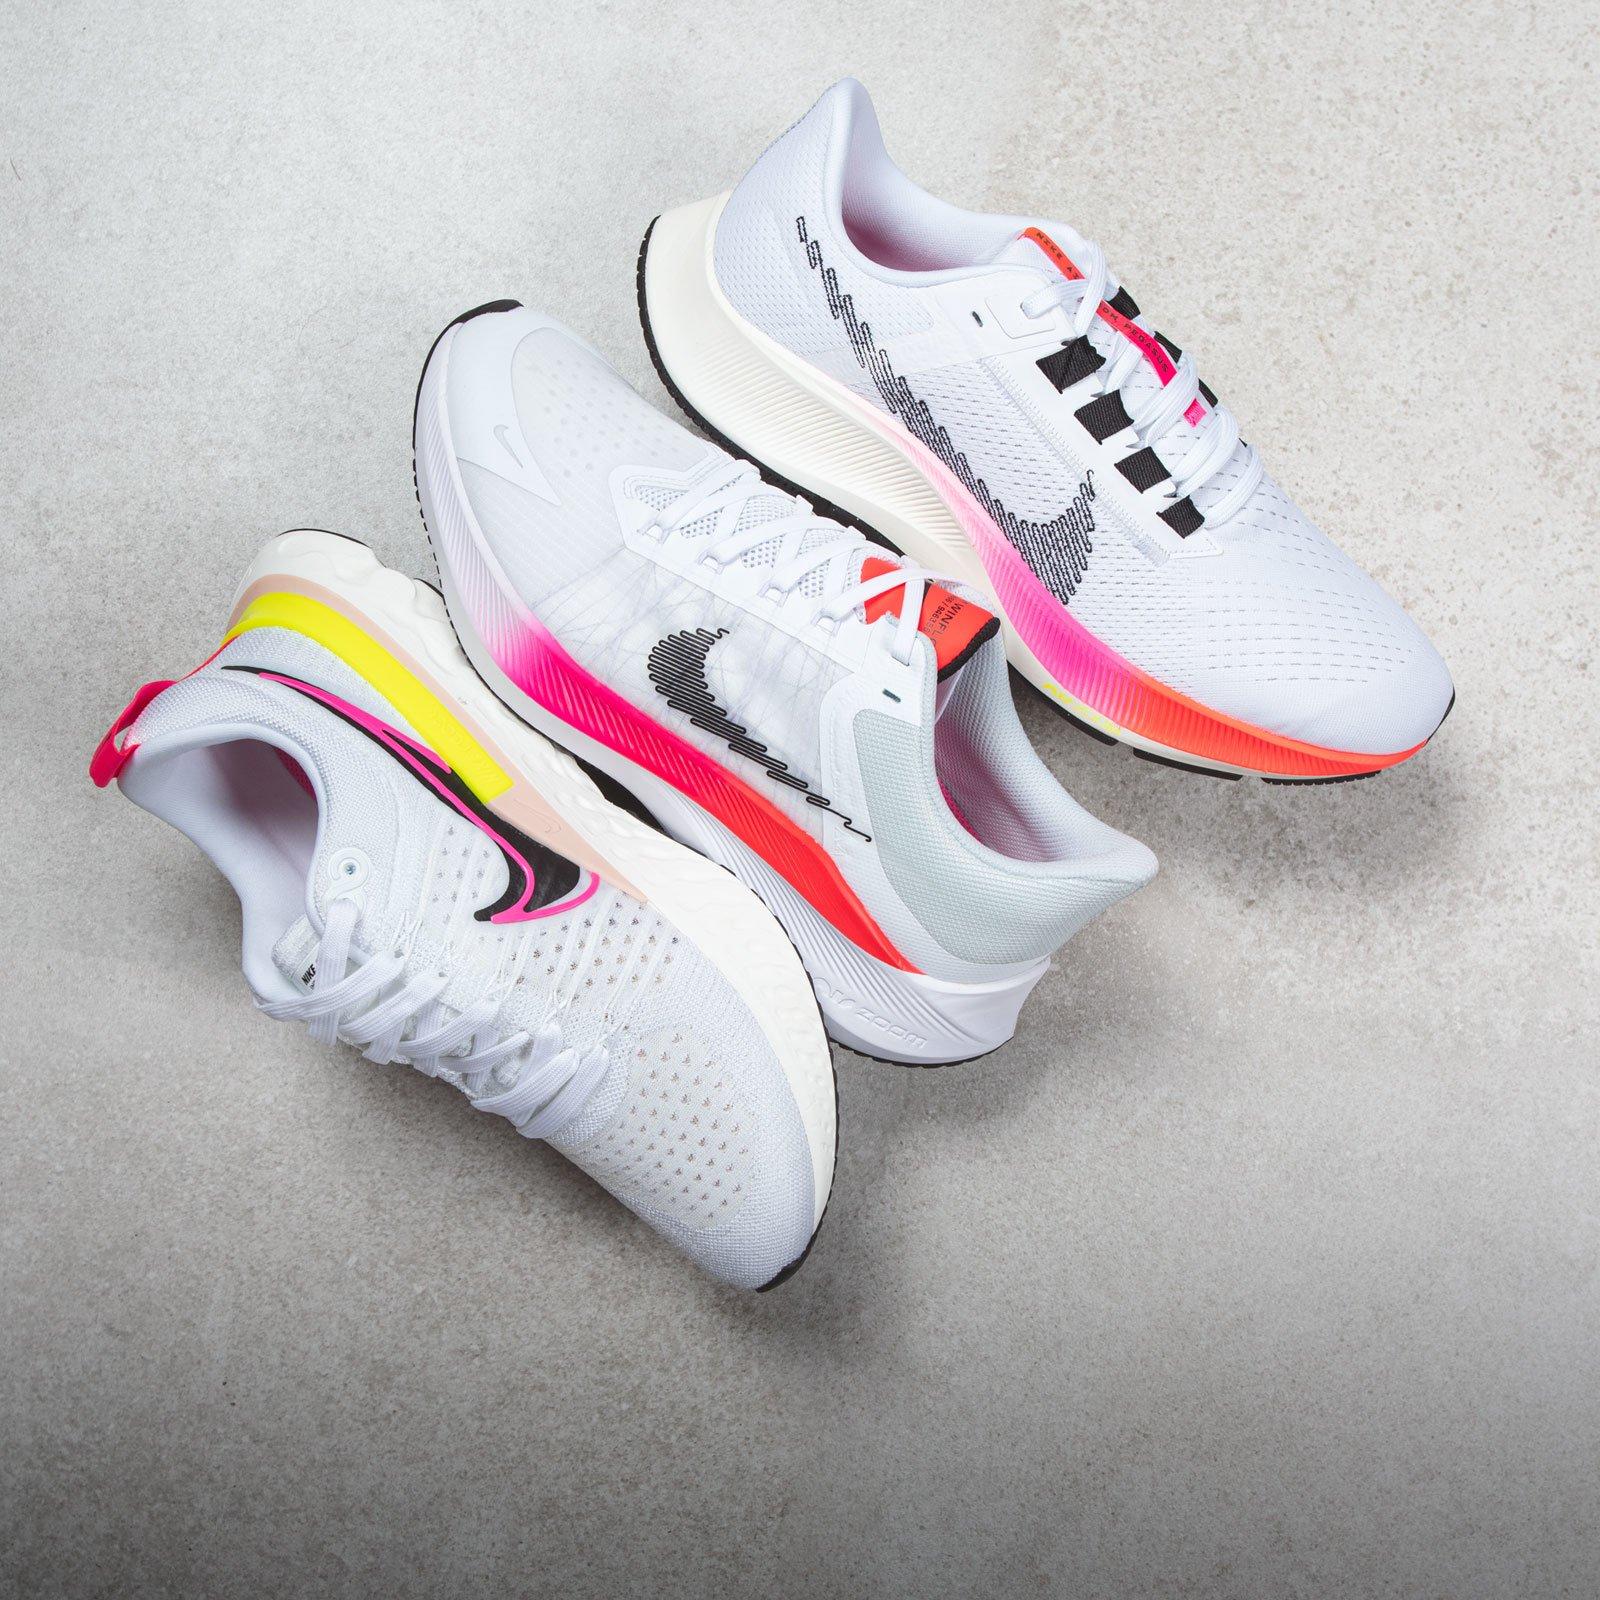 Sweatshop | We Know Running